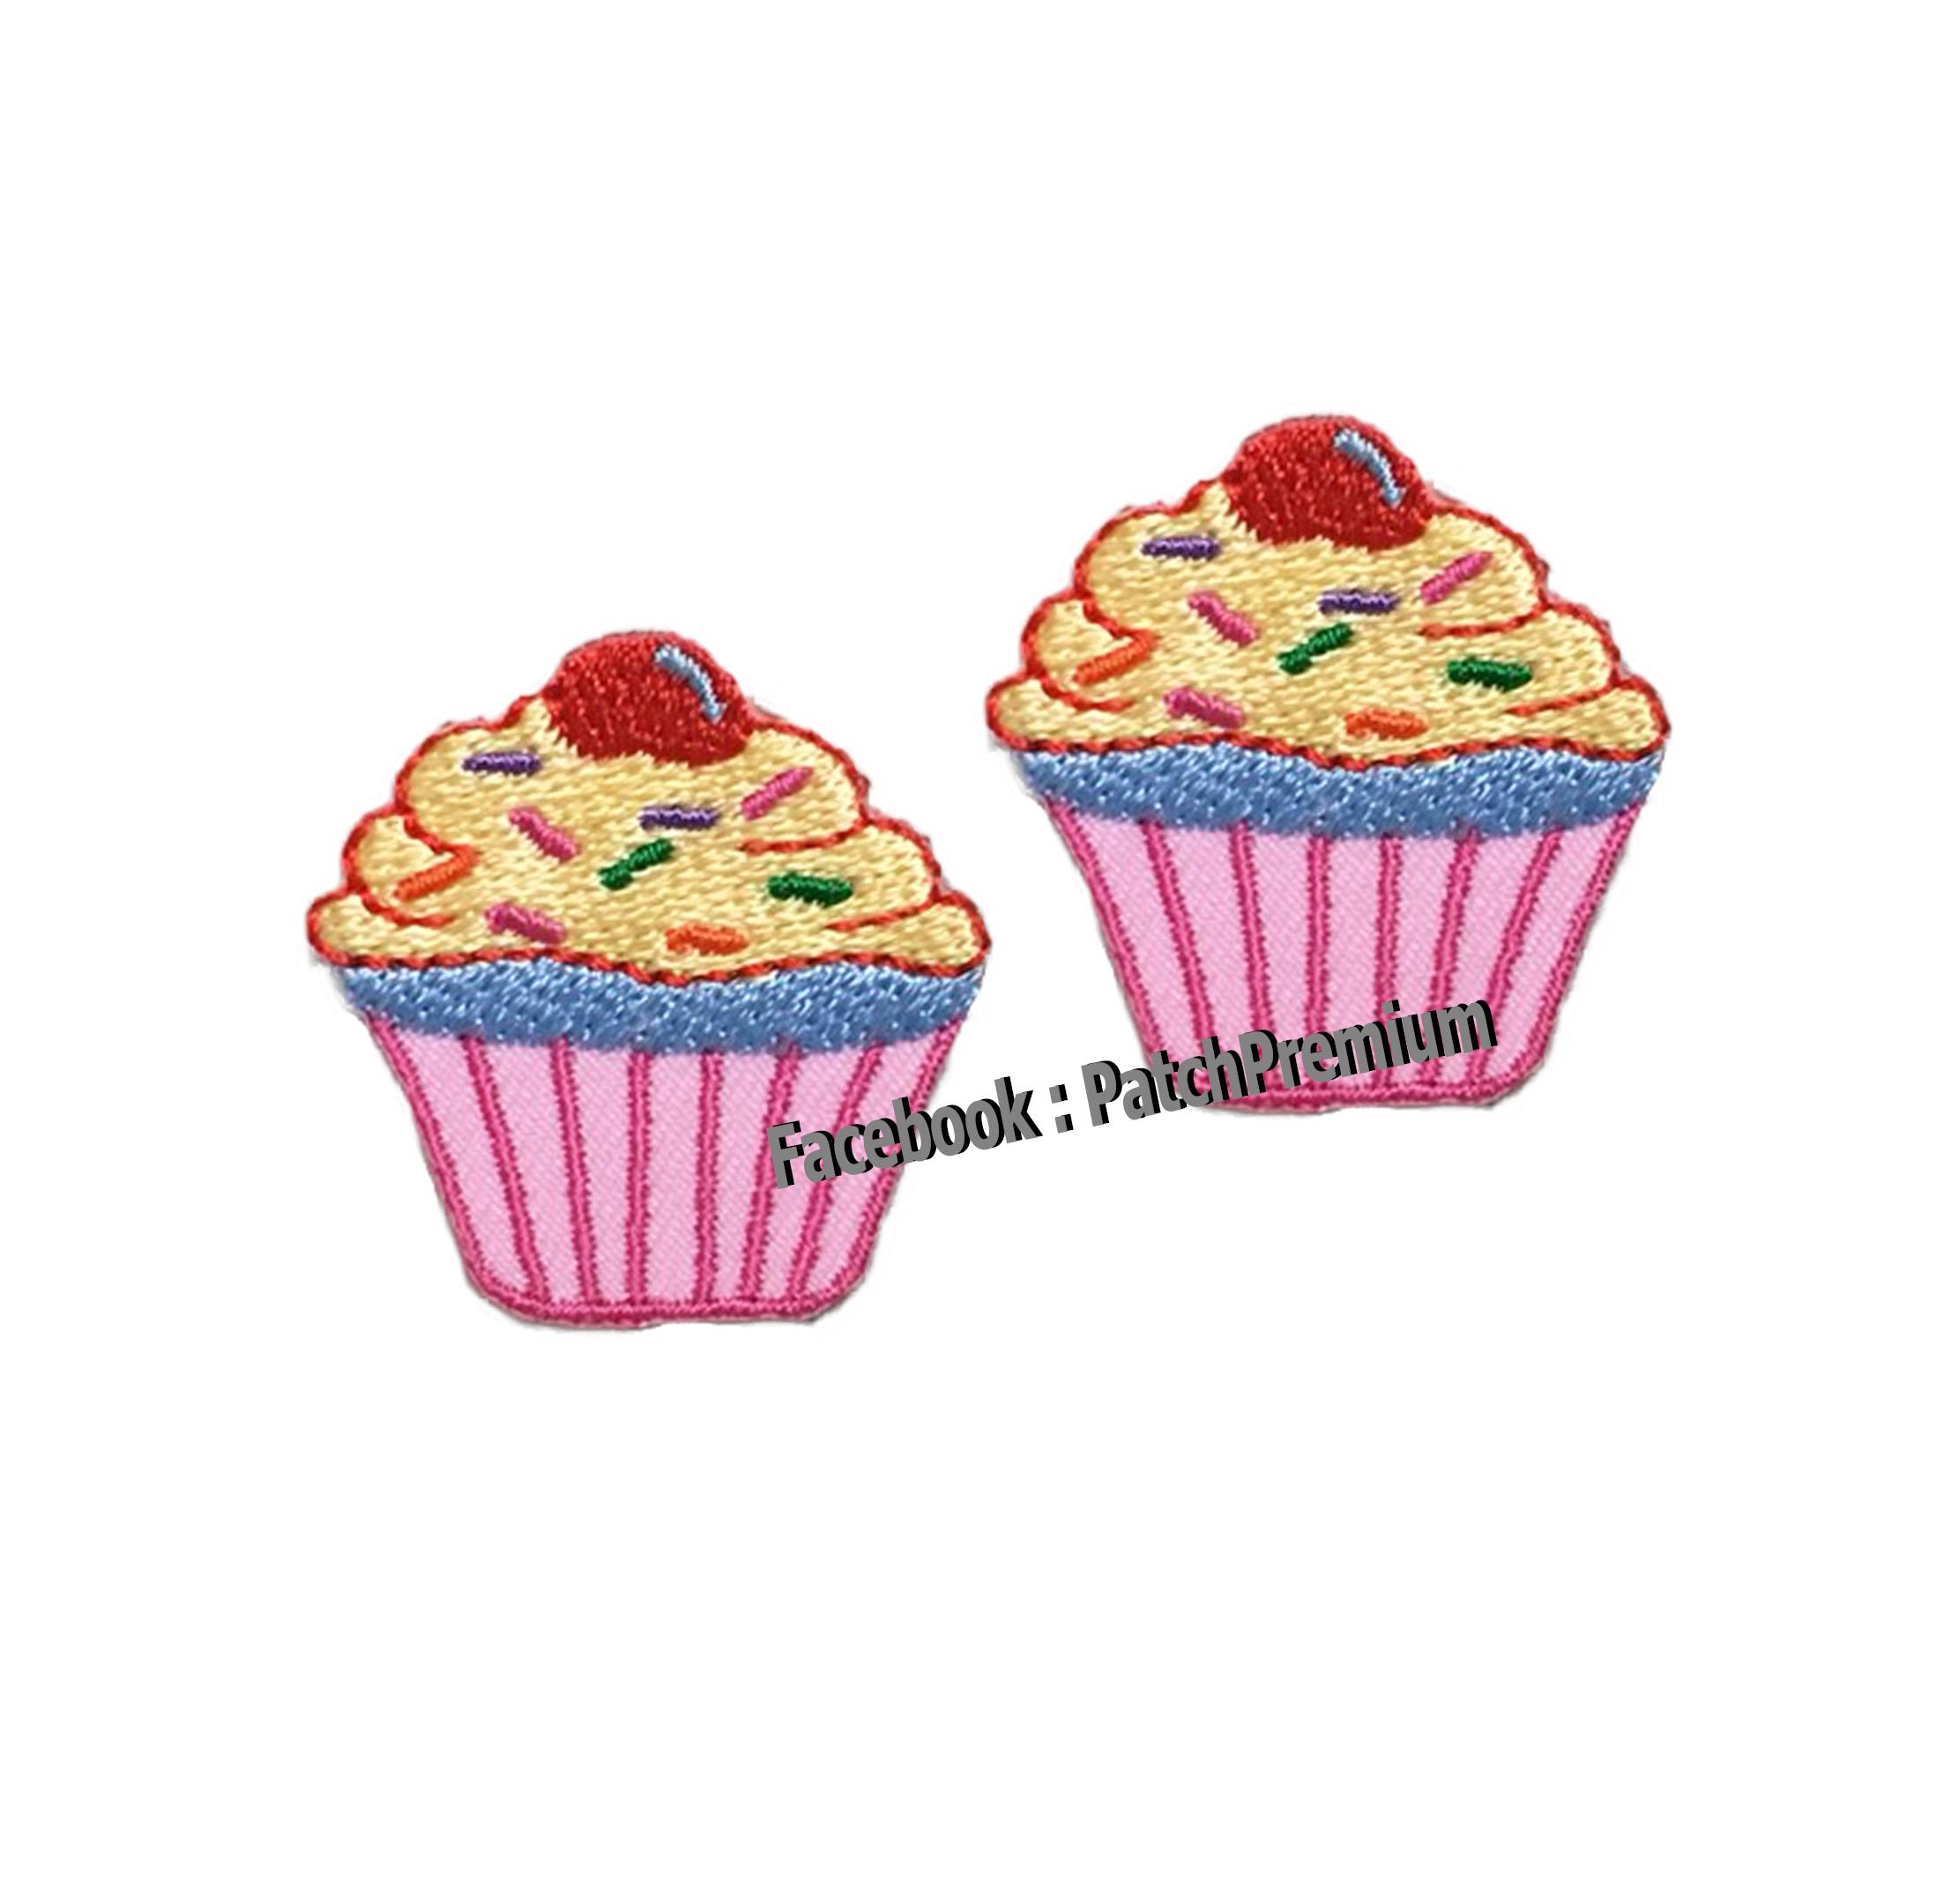 คัพเค้ก ไซส์เล็ก (ขายเป็นคู่ๆละ 35บ.) - ตัวรีด (Size S)